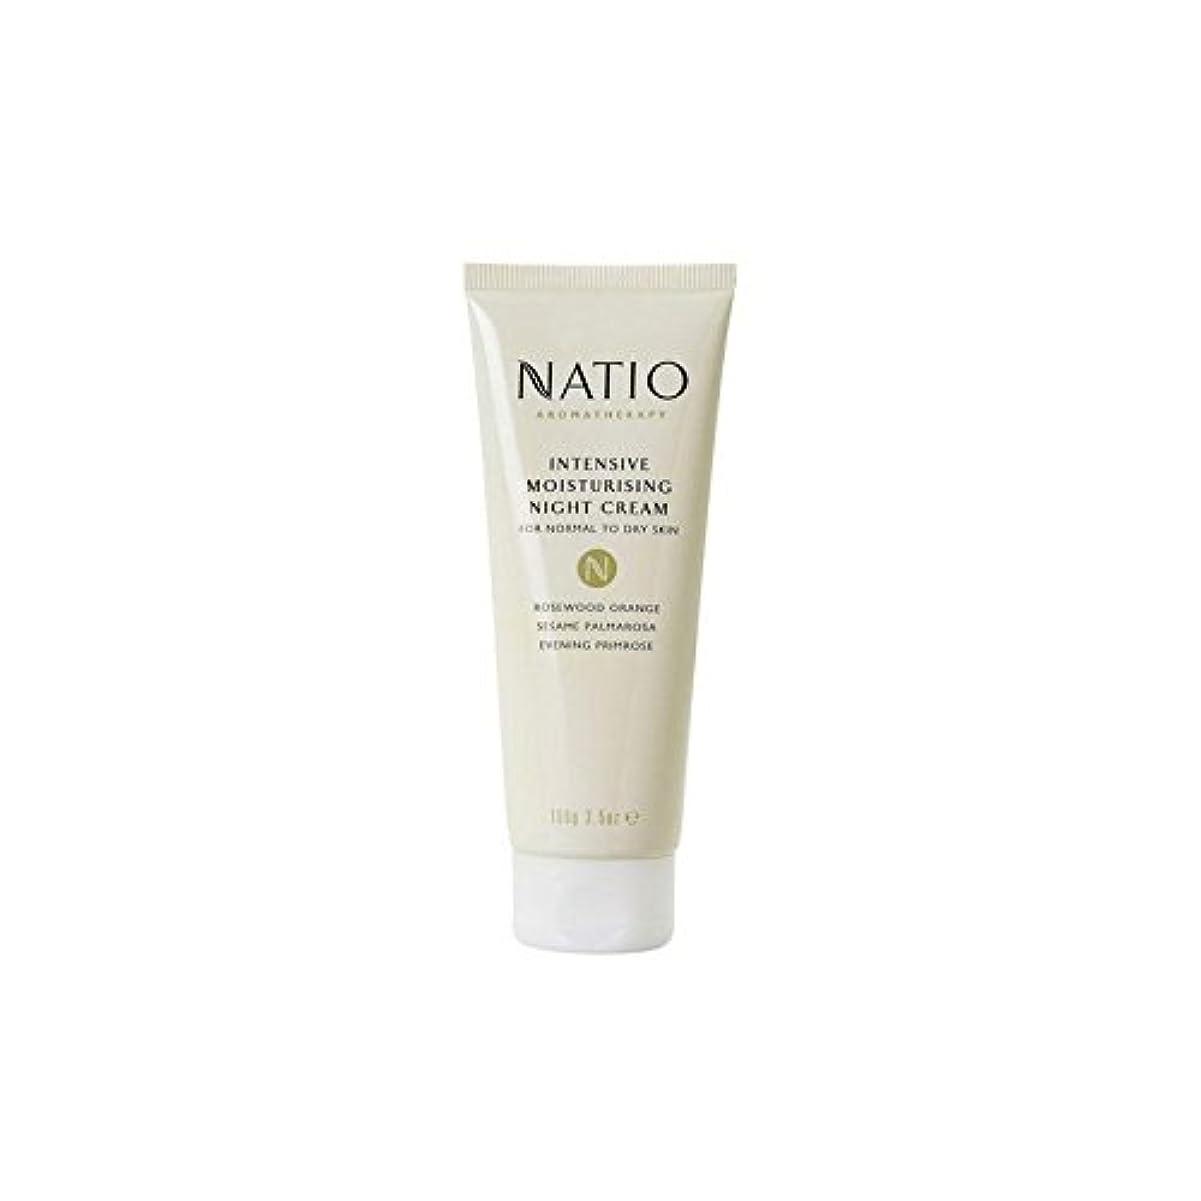 可決皮肉なヒントNatio Intensive Moisturising Night Cream (100G) (Pack of 6) - 集中的な保湿ナイトクリーム(100グラム) x6 [並行輸入品]